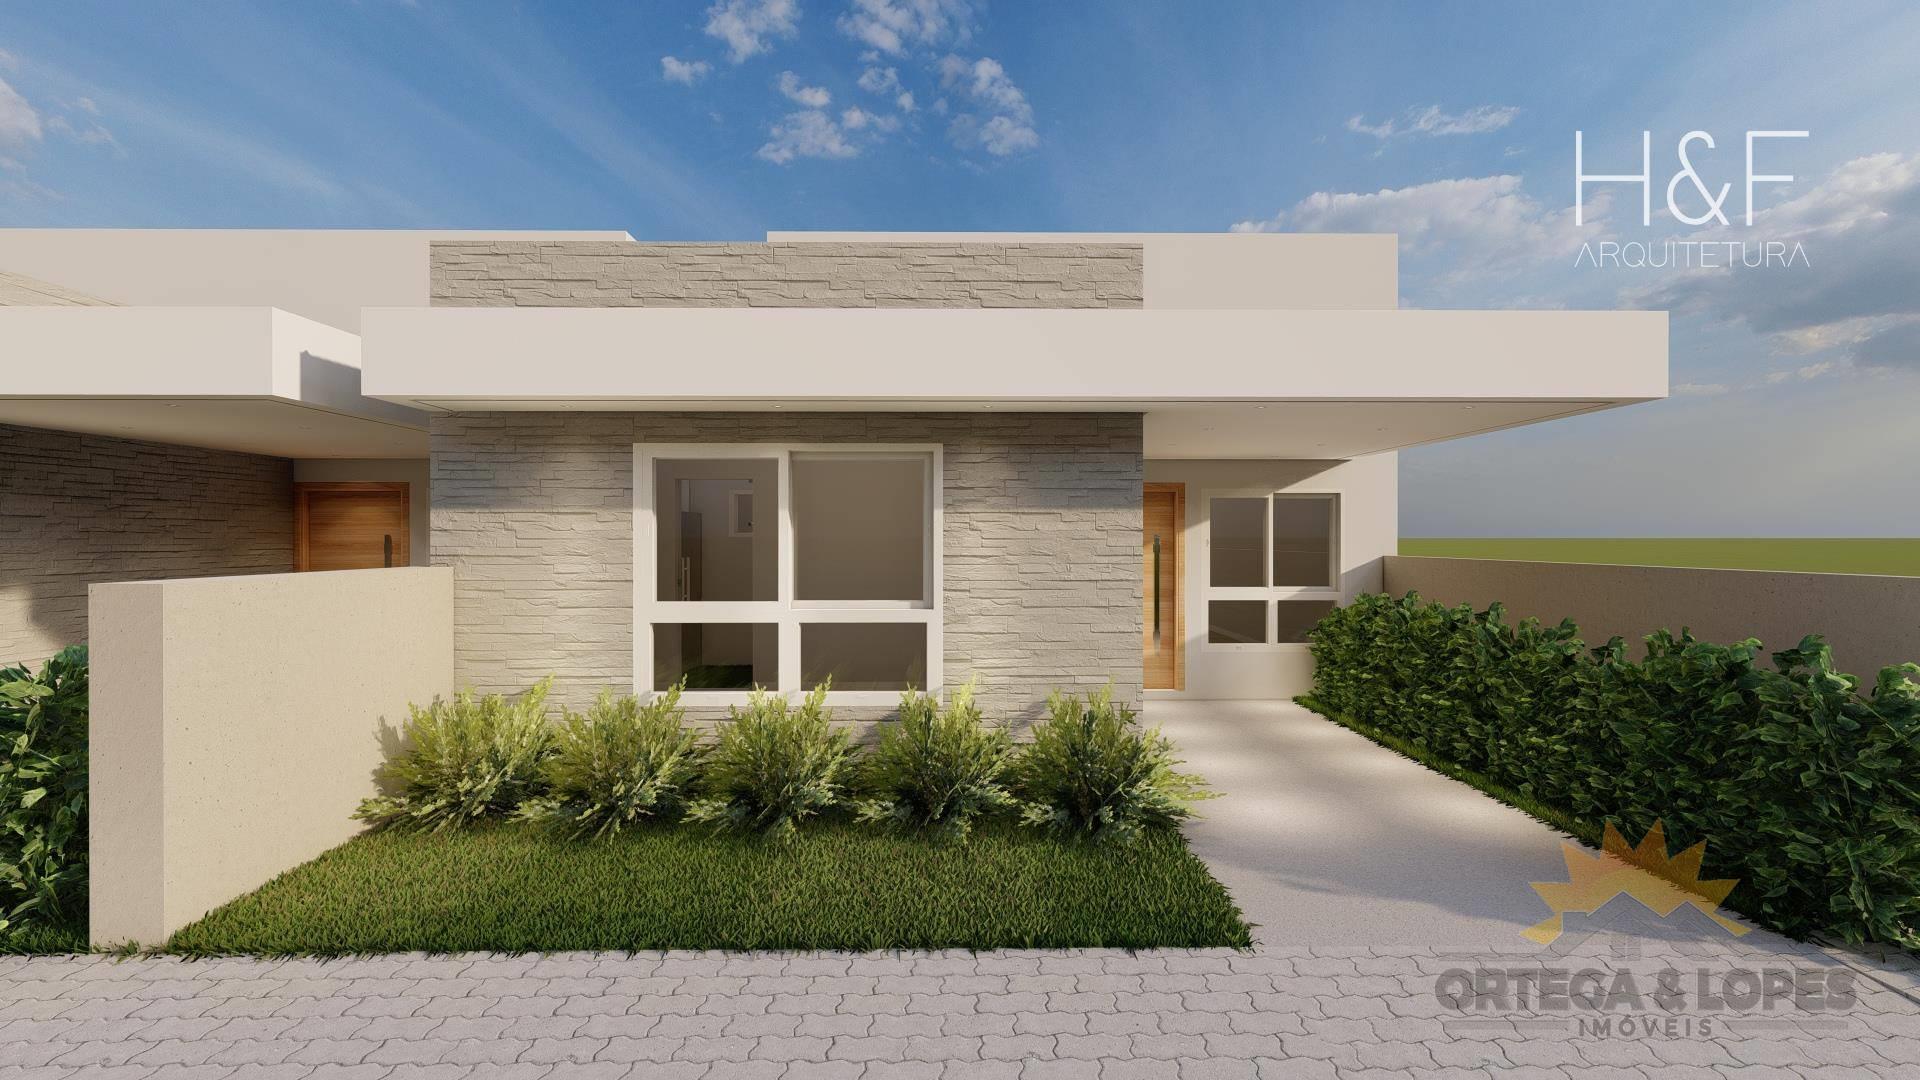 Casa Residencial para venda no bairro Centro em Contenda/PR com 87m² por R$ 349.000,00